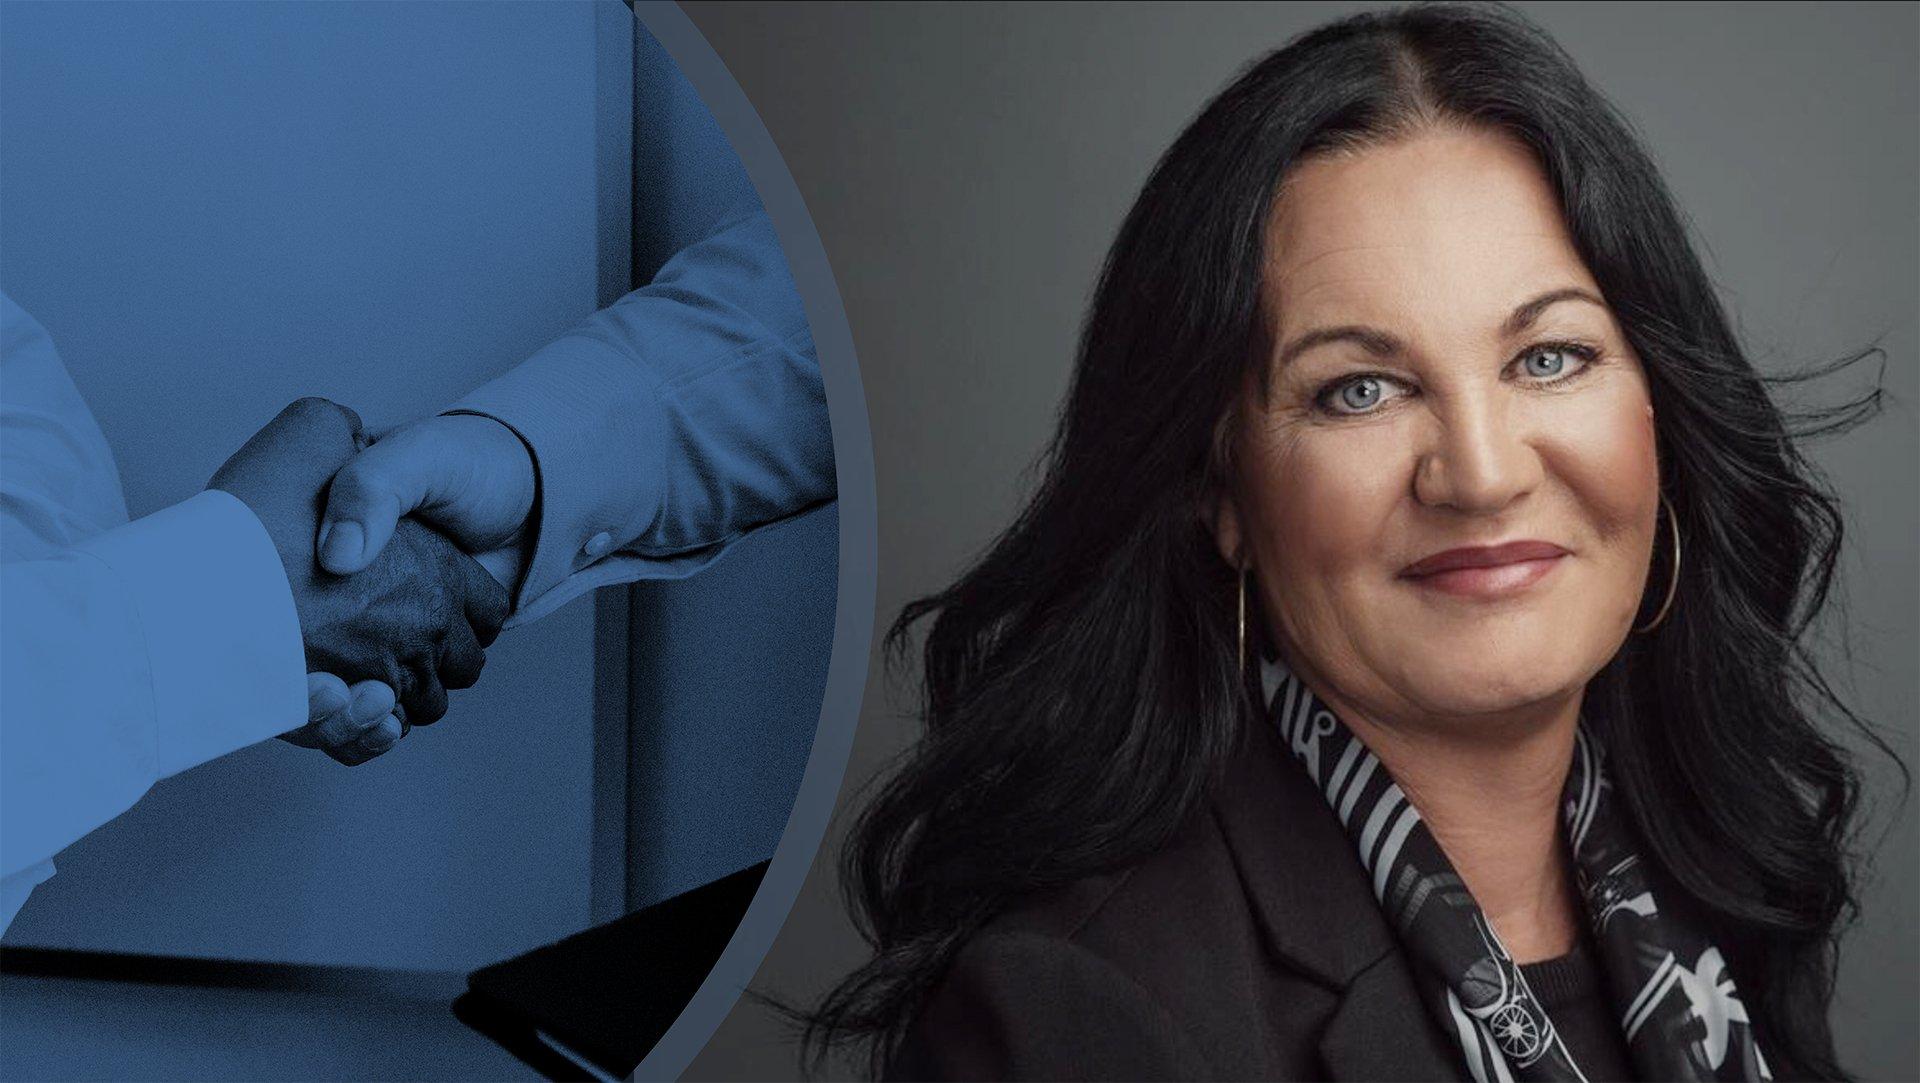 Till vänster en bild på två händer som skakar hand, till höger en bild på Lena Molin.